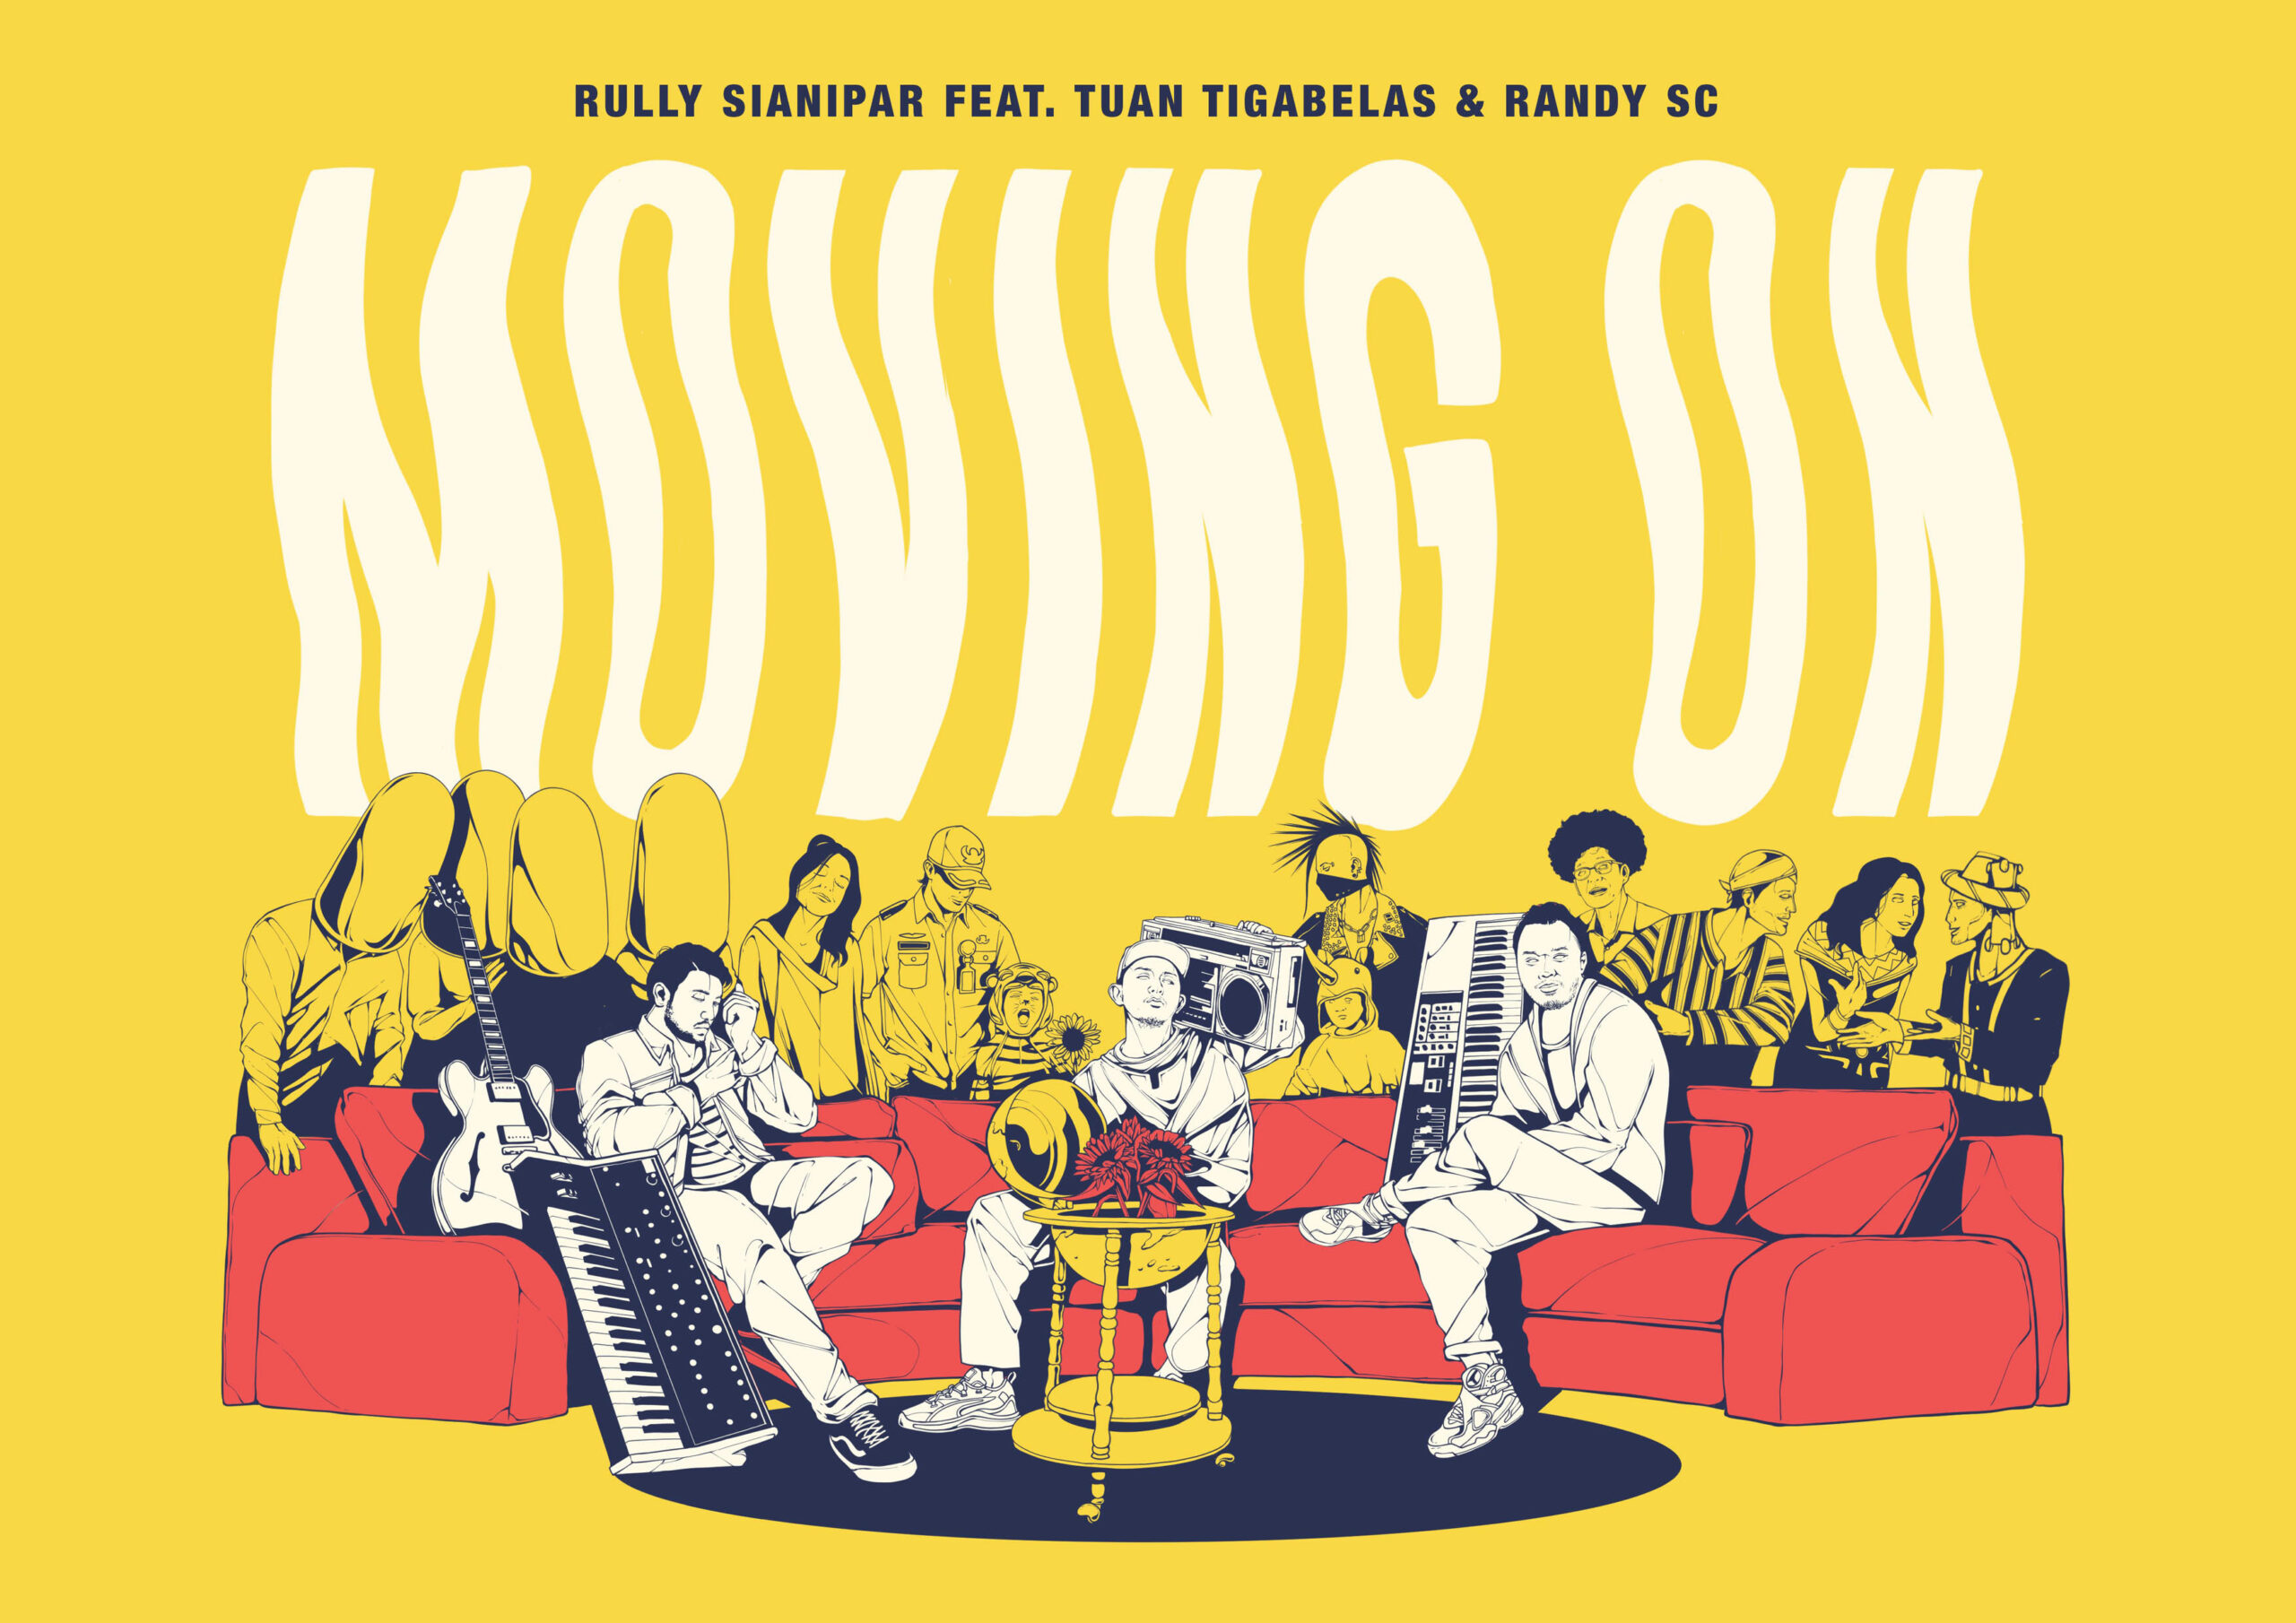 """Rully Sianipar, Tuantigabelas dan Randy Sc Suarakan Pesan Optimisme Lewat Single """"Moving On"""""""